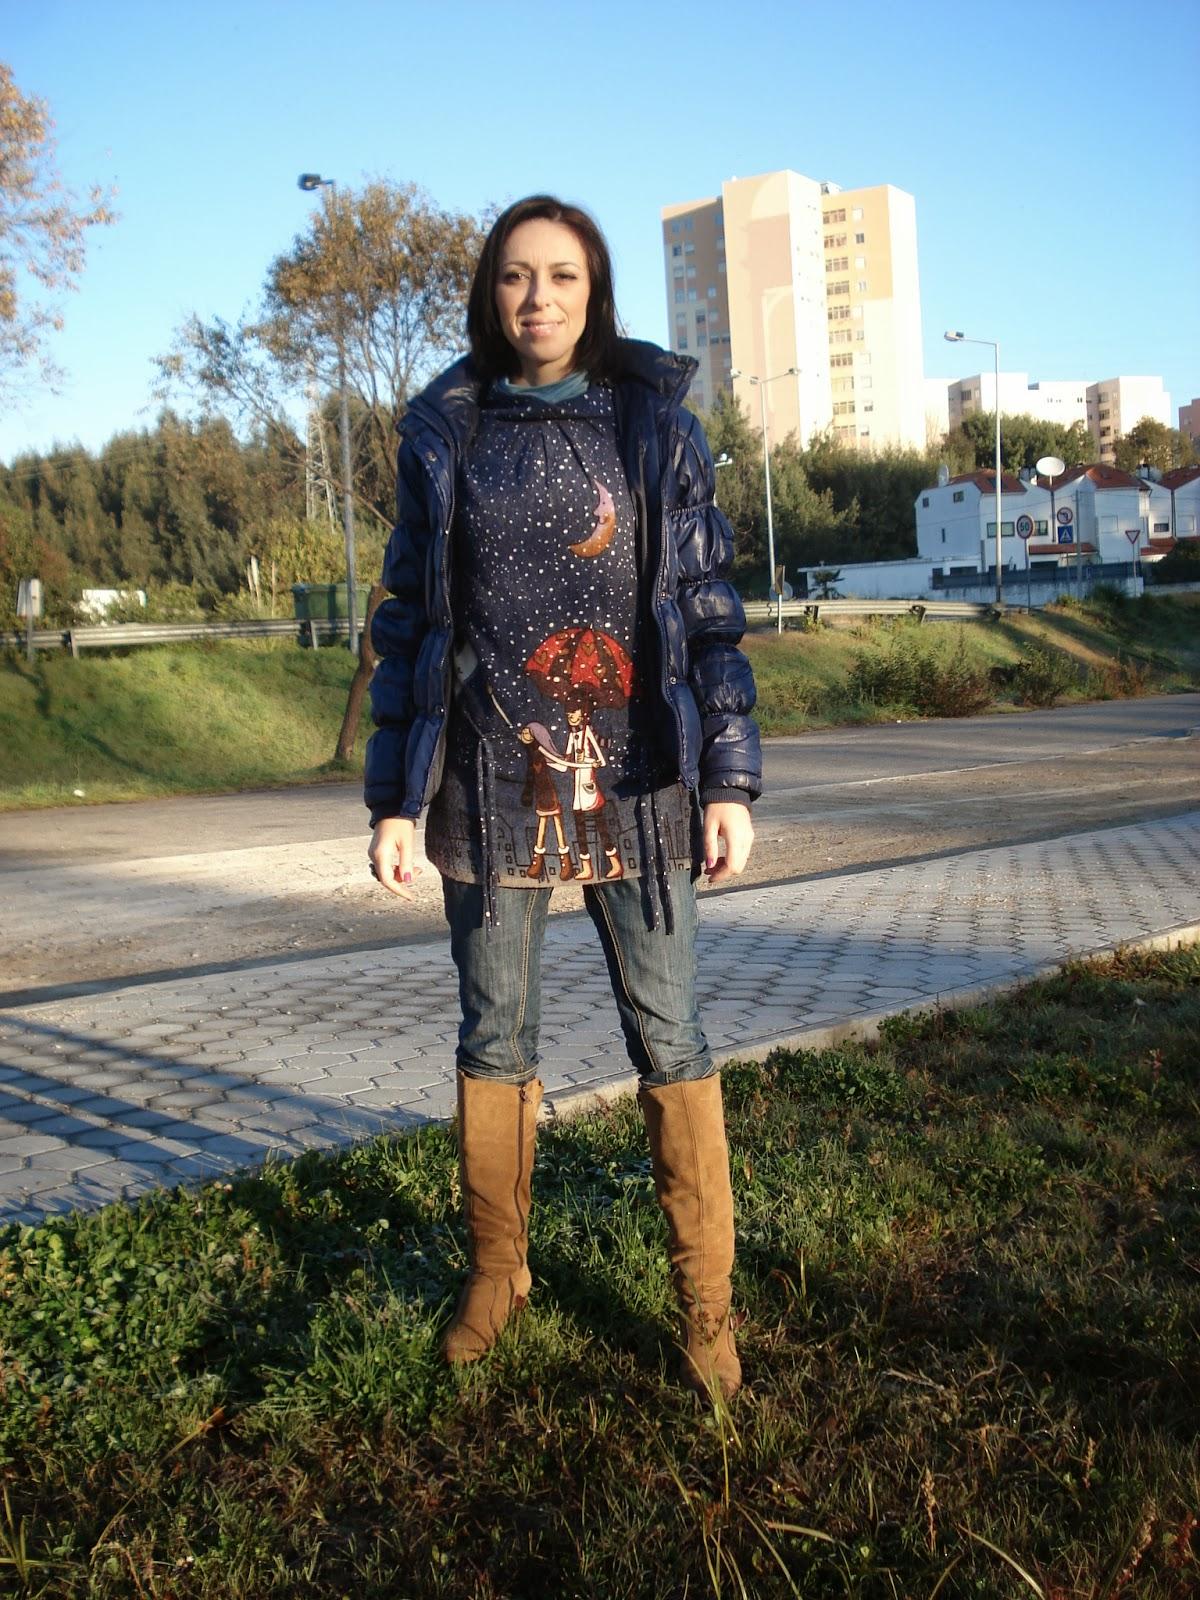 moda, sapatinho, blog, blogue, blogger, aveiro, portugal, sapato, tendências, estilo, celebridades, famosos